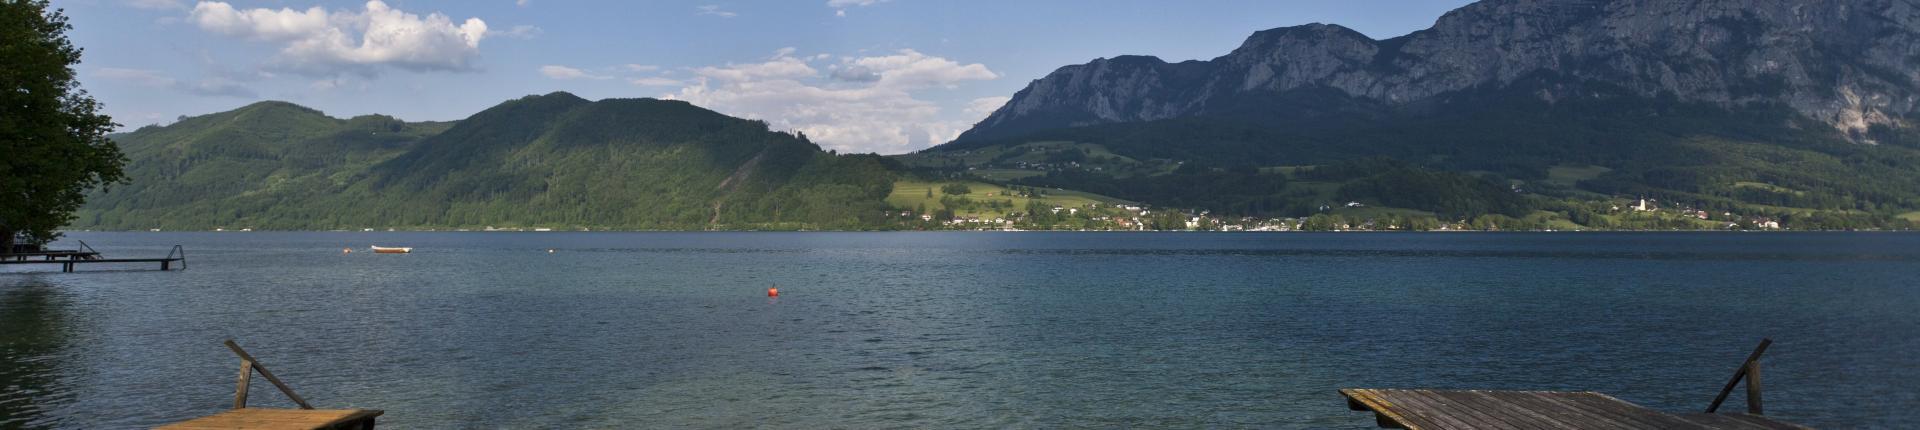 מסלול 10 האגמים באוסטריה מזלצבורג לזלצבורג על אופניים